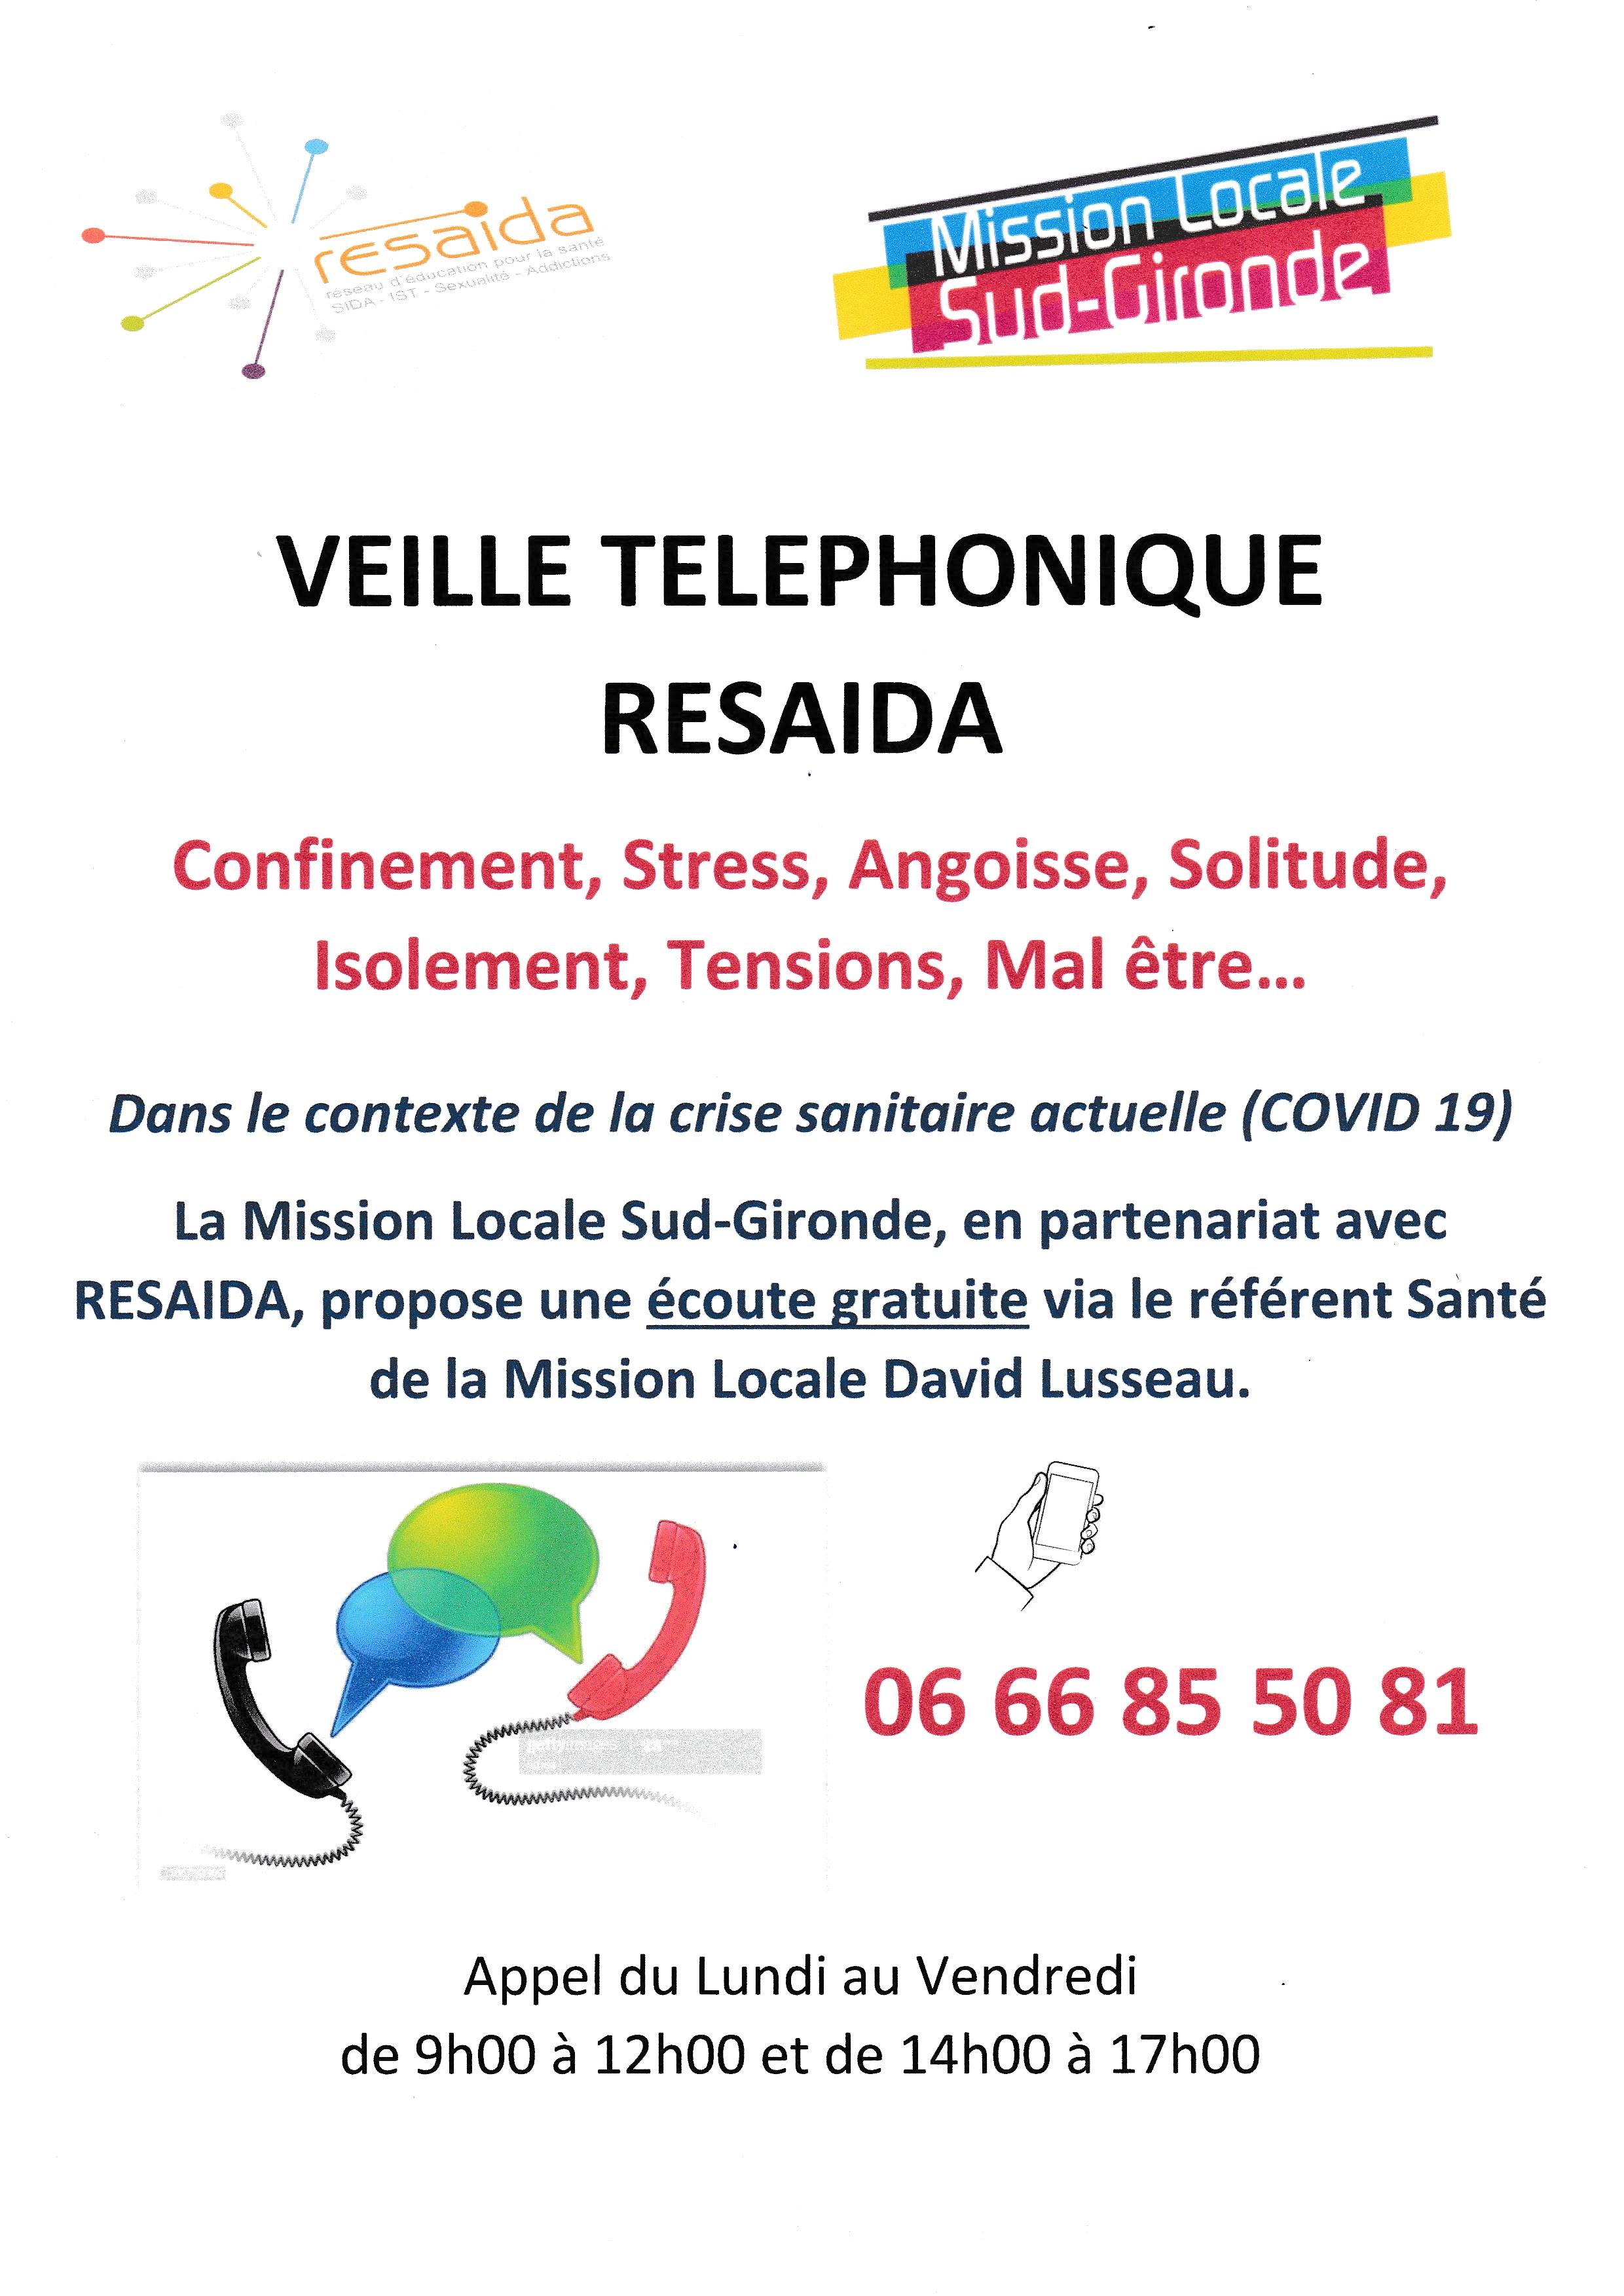 Veille téléphonique - Crise COVID19